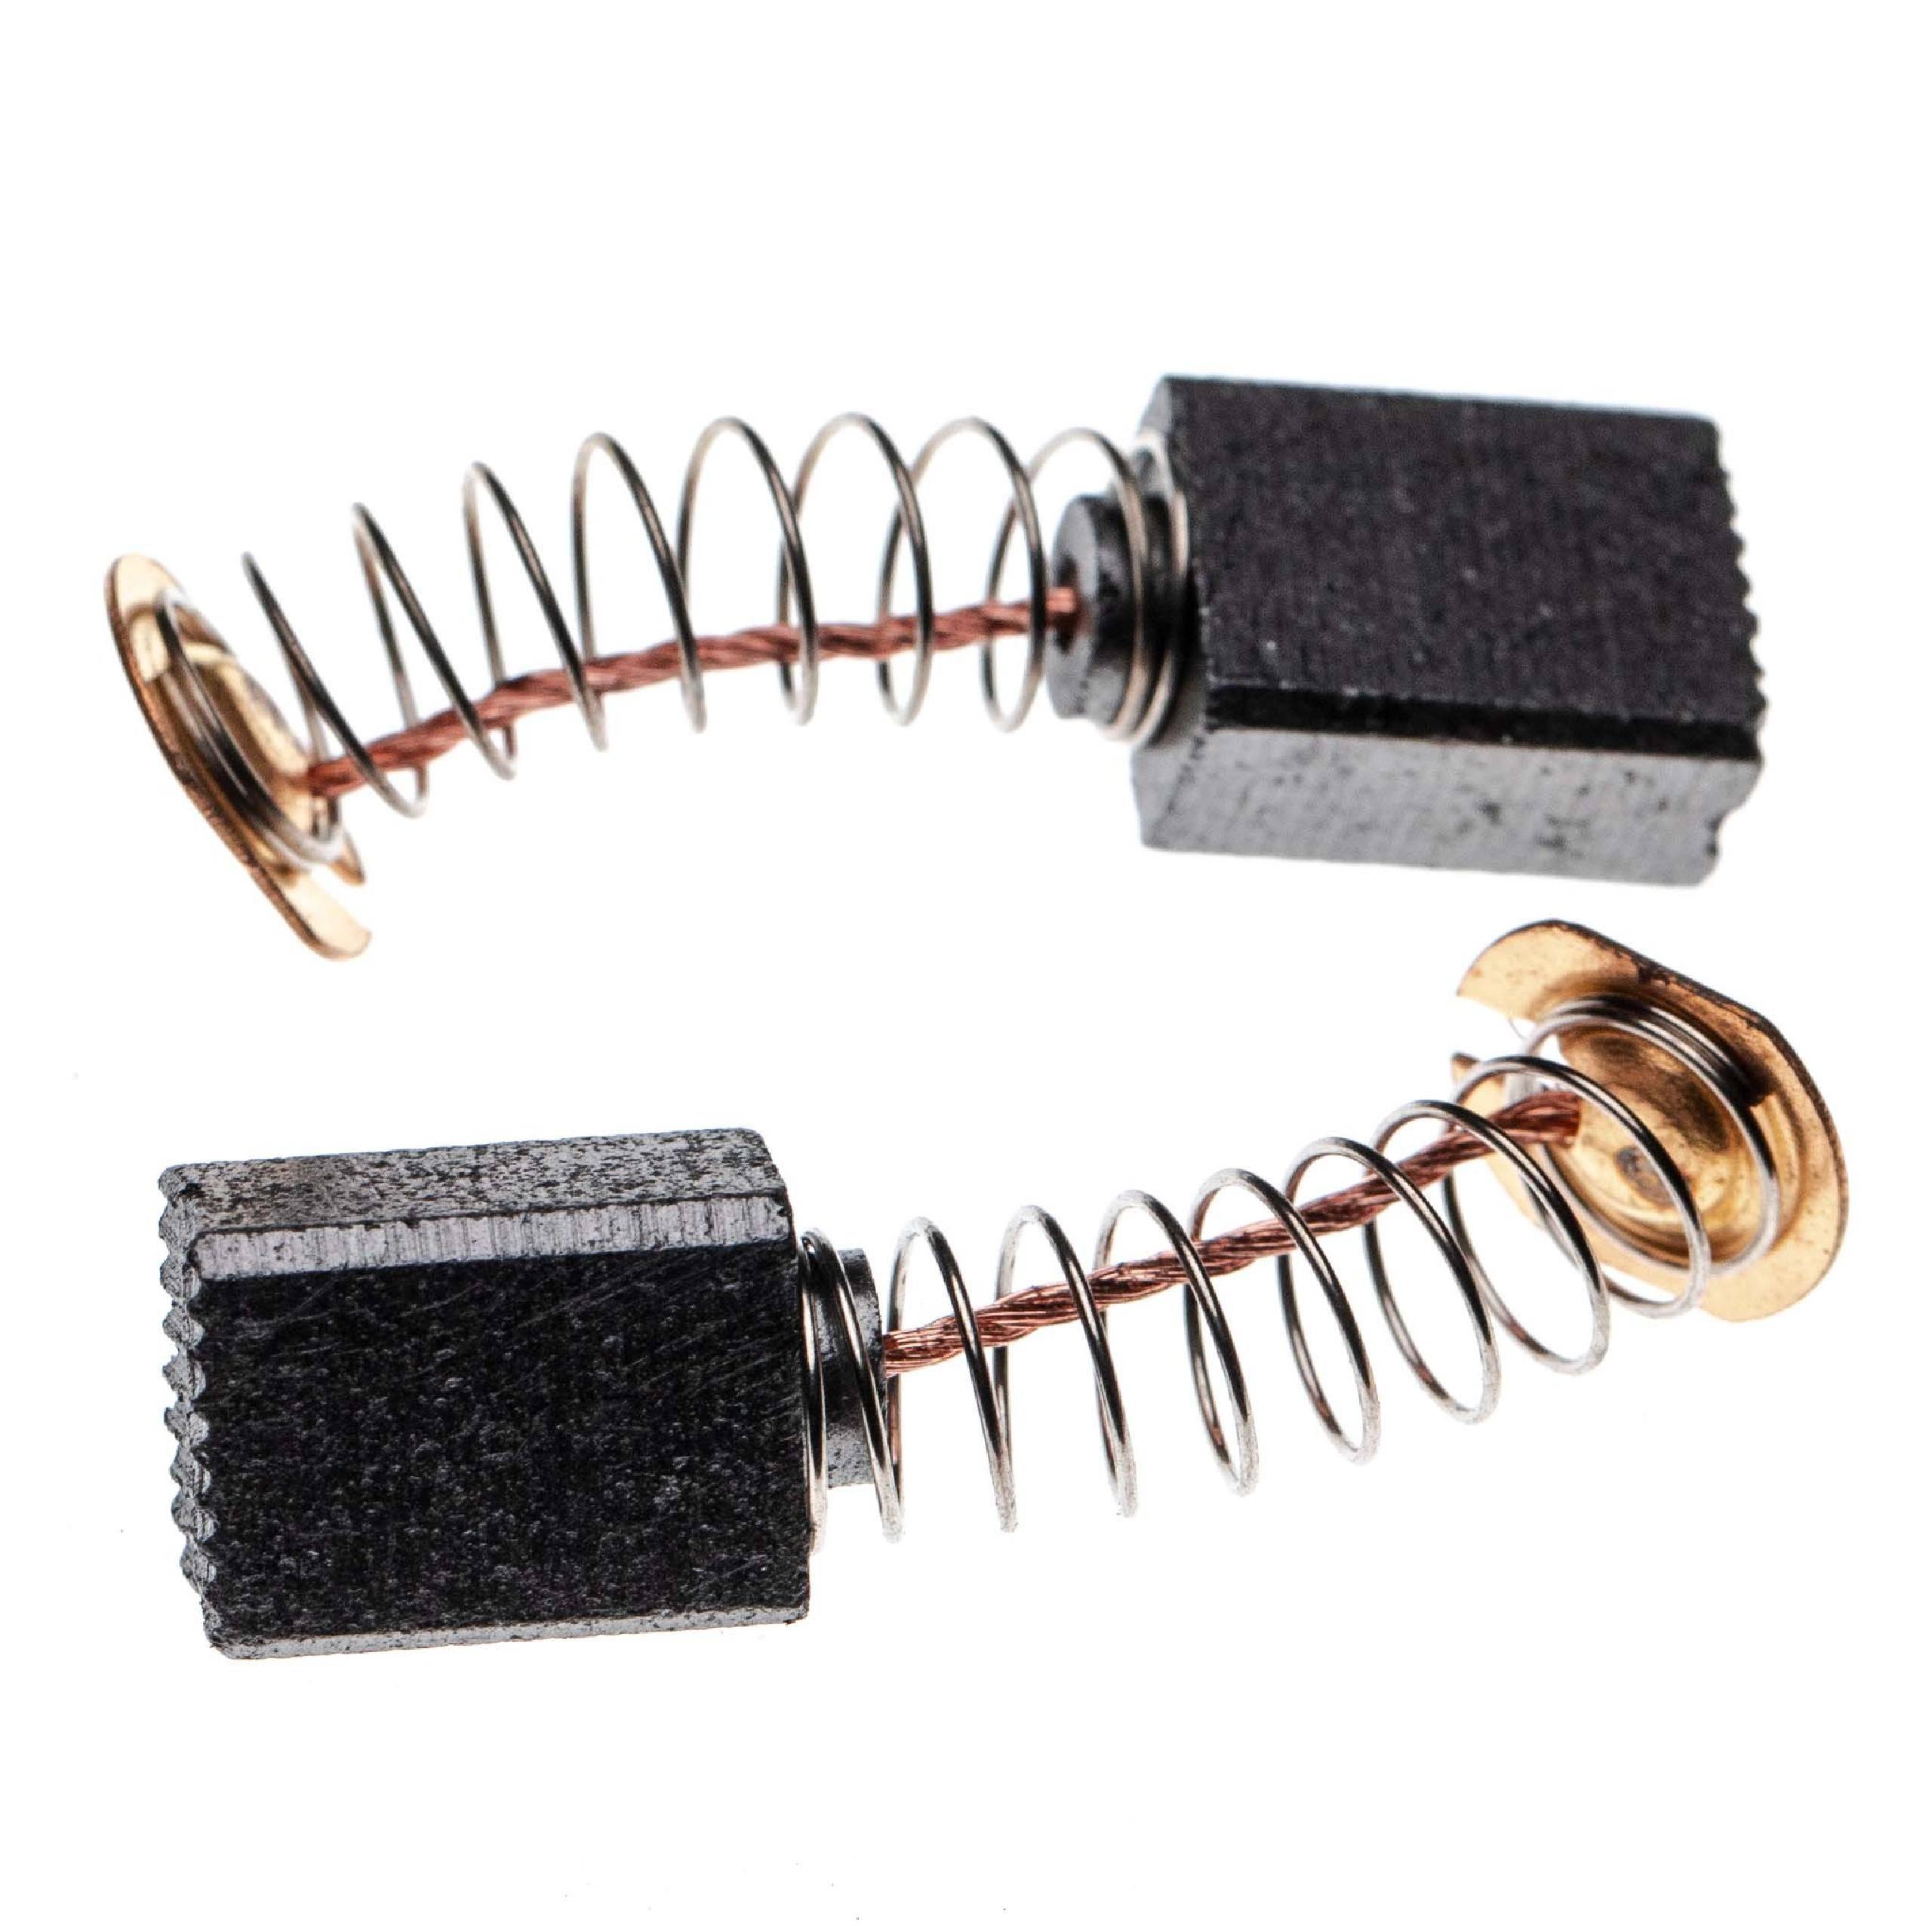 2x Schleifkohlen Kohlebürsten Kohlen für diverse Elektro-Werkzeuge z.B. Makita